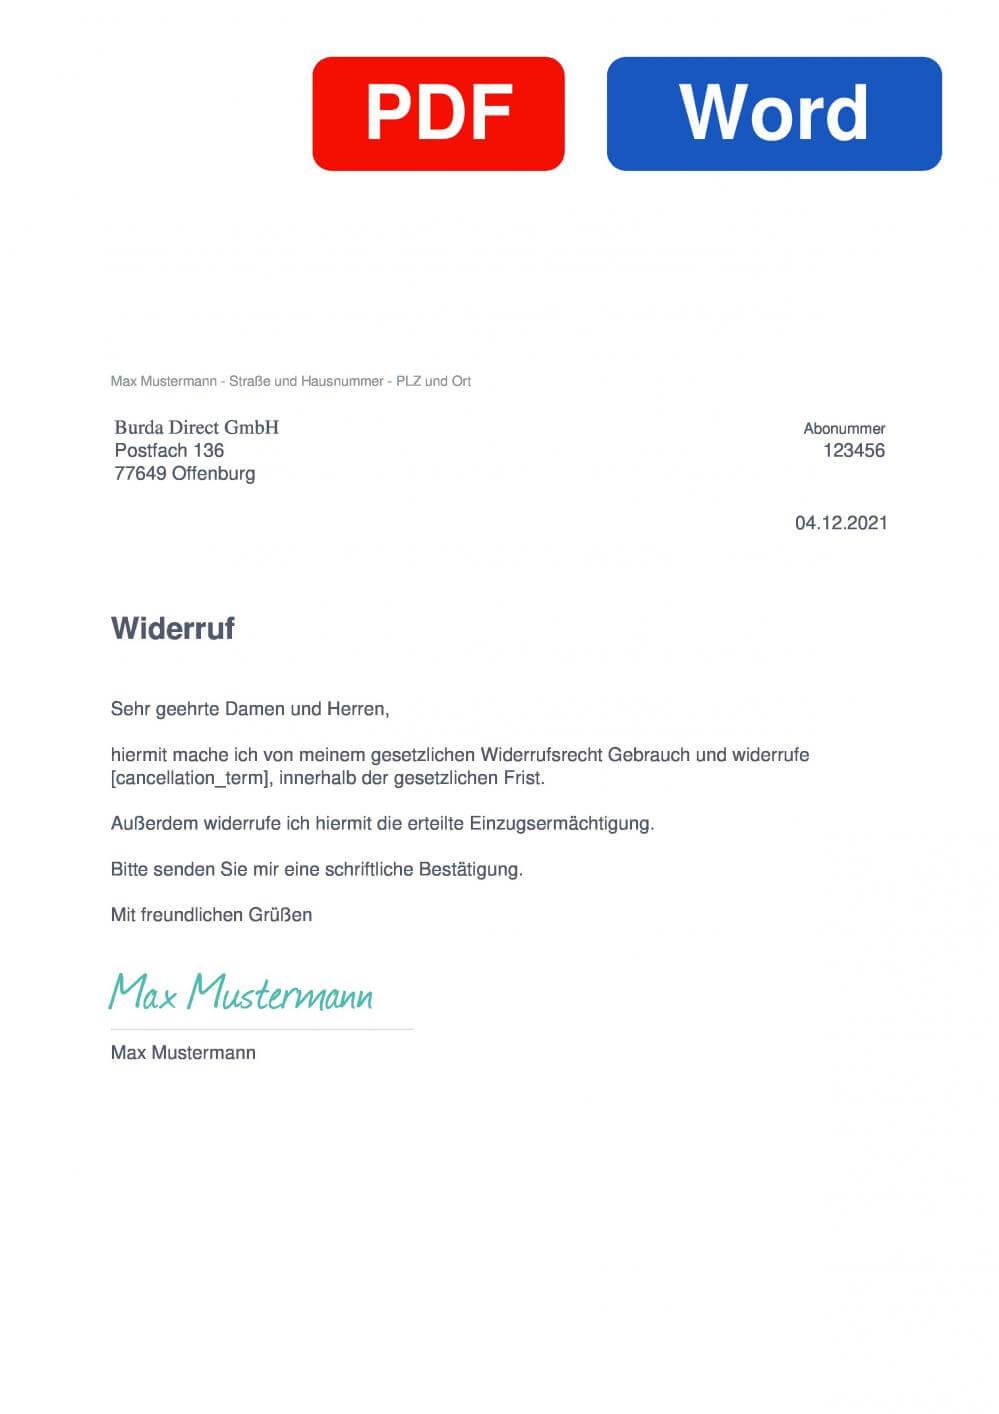 Liboriusblatt Muster Vorlage für Wiederrufsschreiben